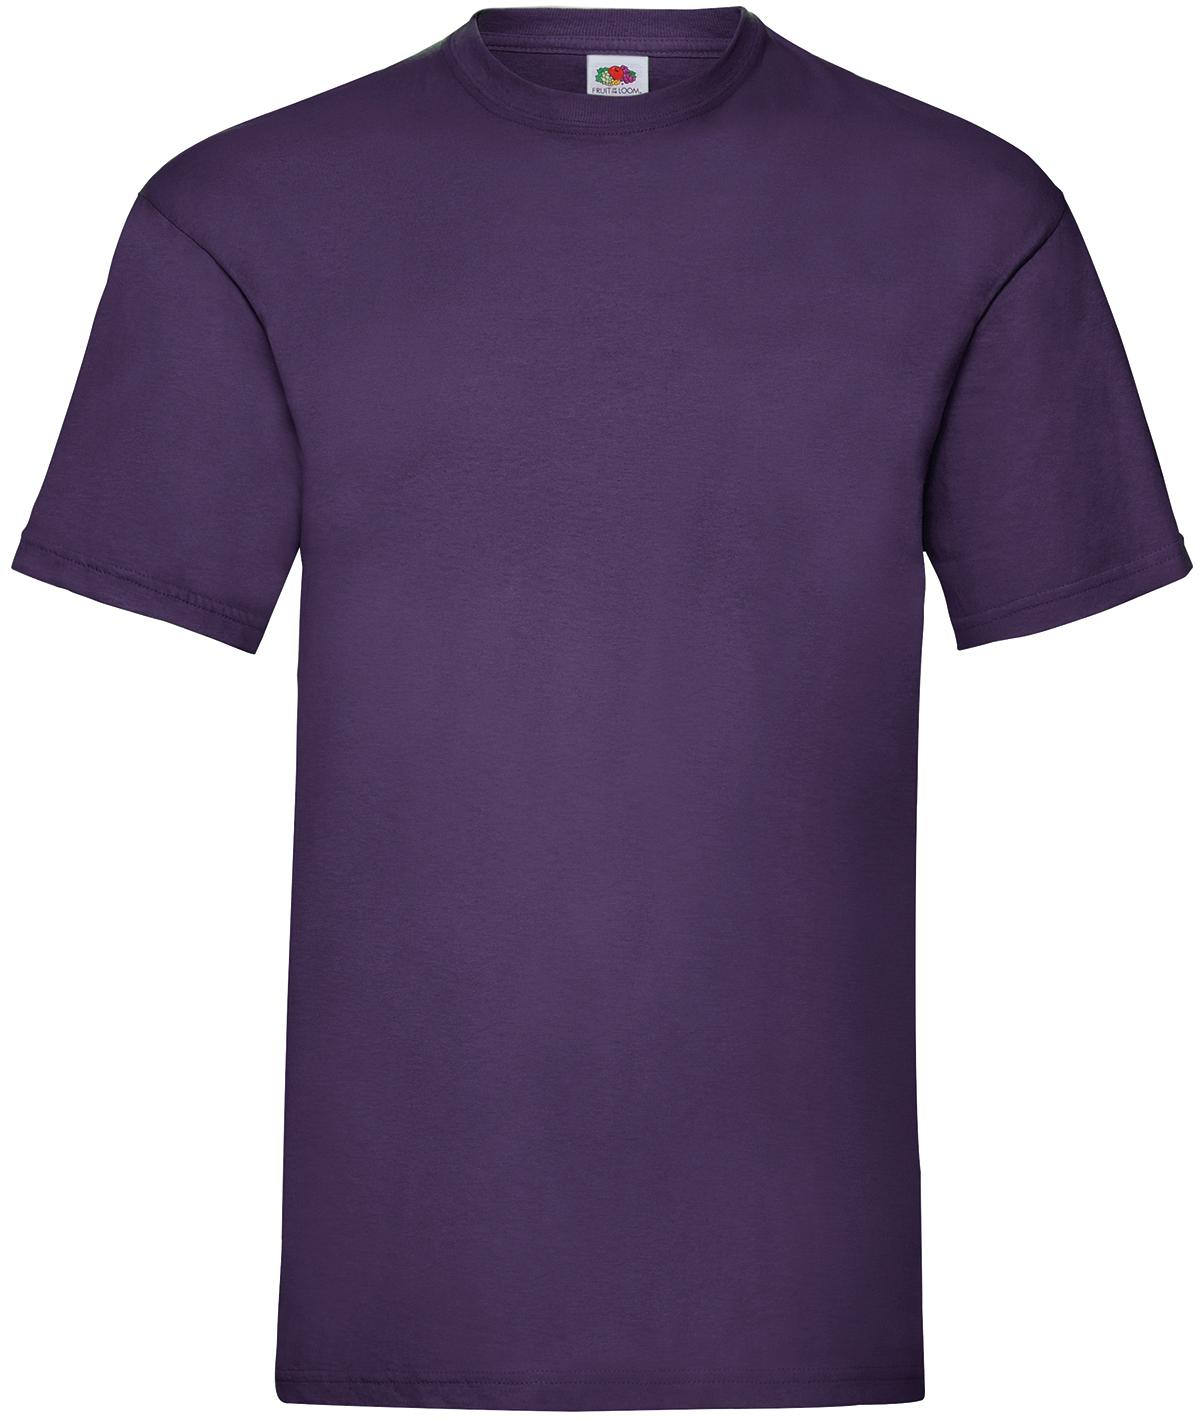 Indexbild 32 - Fruit of the Loom UNISEX T-Shirt Bestseller Top Angebot Herren Damen NEU